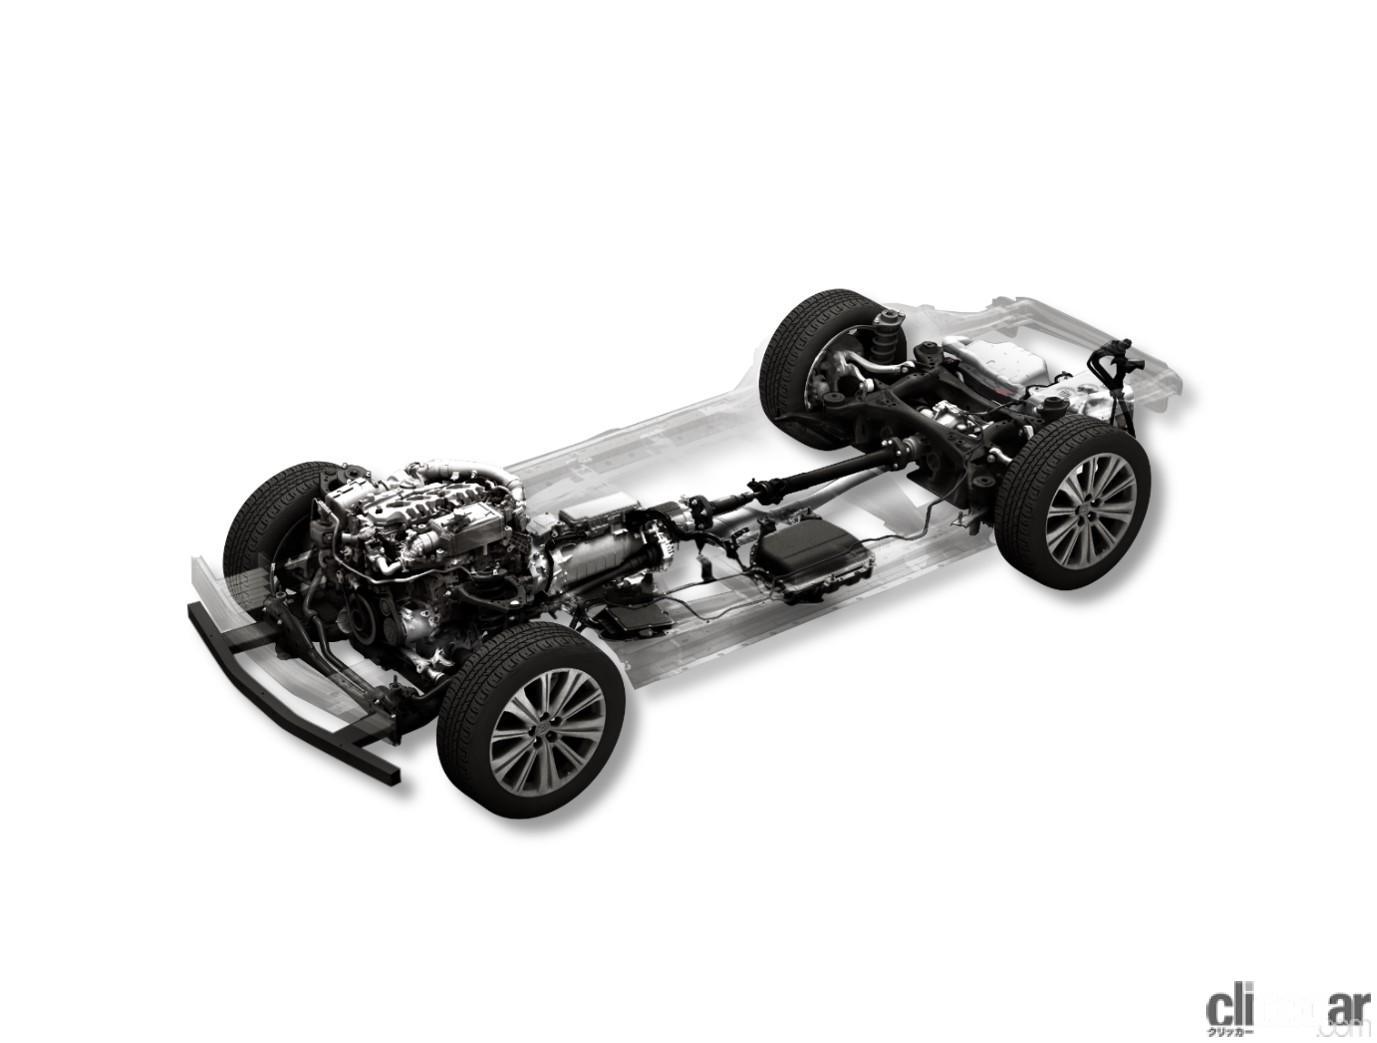 次期ロードスターは電動化!? マツダが2025年までに電動化モデル13車種を投入へ